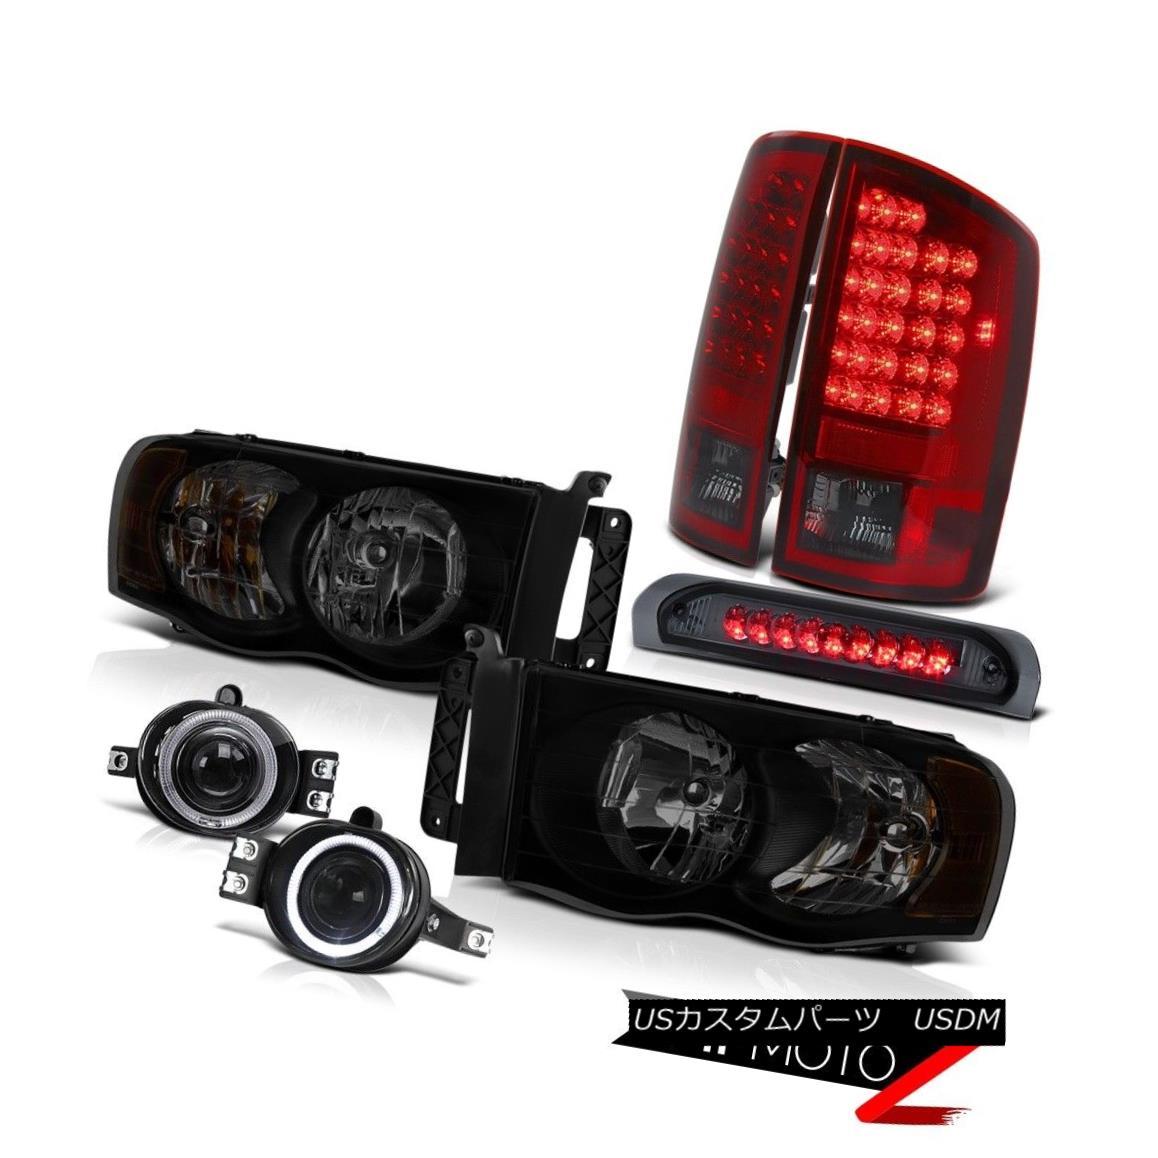 車用品 バイク用品 >> パーツ ライト ランプ テールライト 02-05 Ram 物品 1500 2500 Light Ws High 3500 WsヘッドランプFoglightsハイストップライトテールランプSMD Stop Lamps Headlamps Foglights Tail SMD 国内在庫